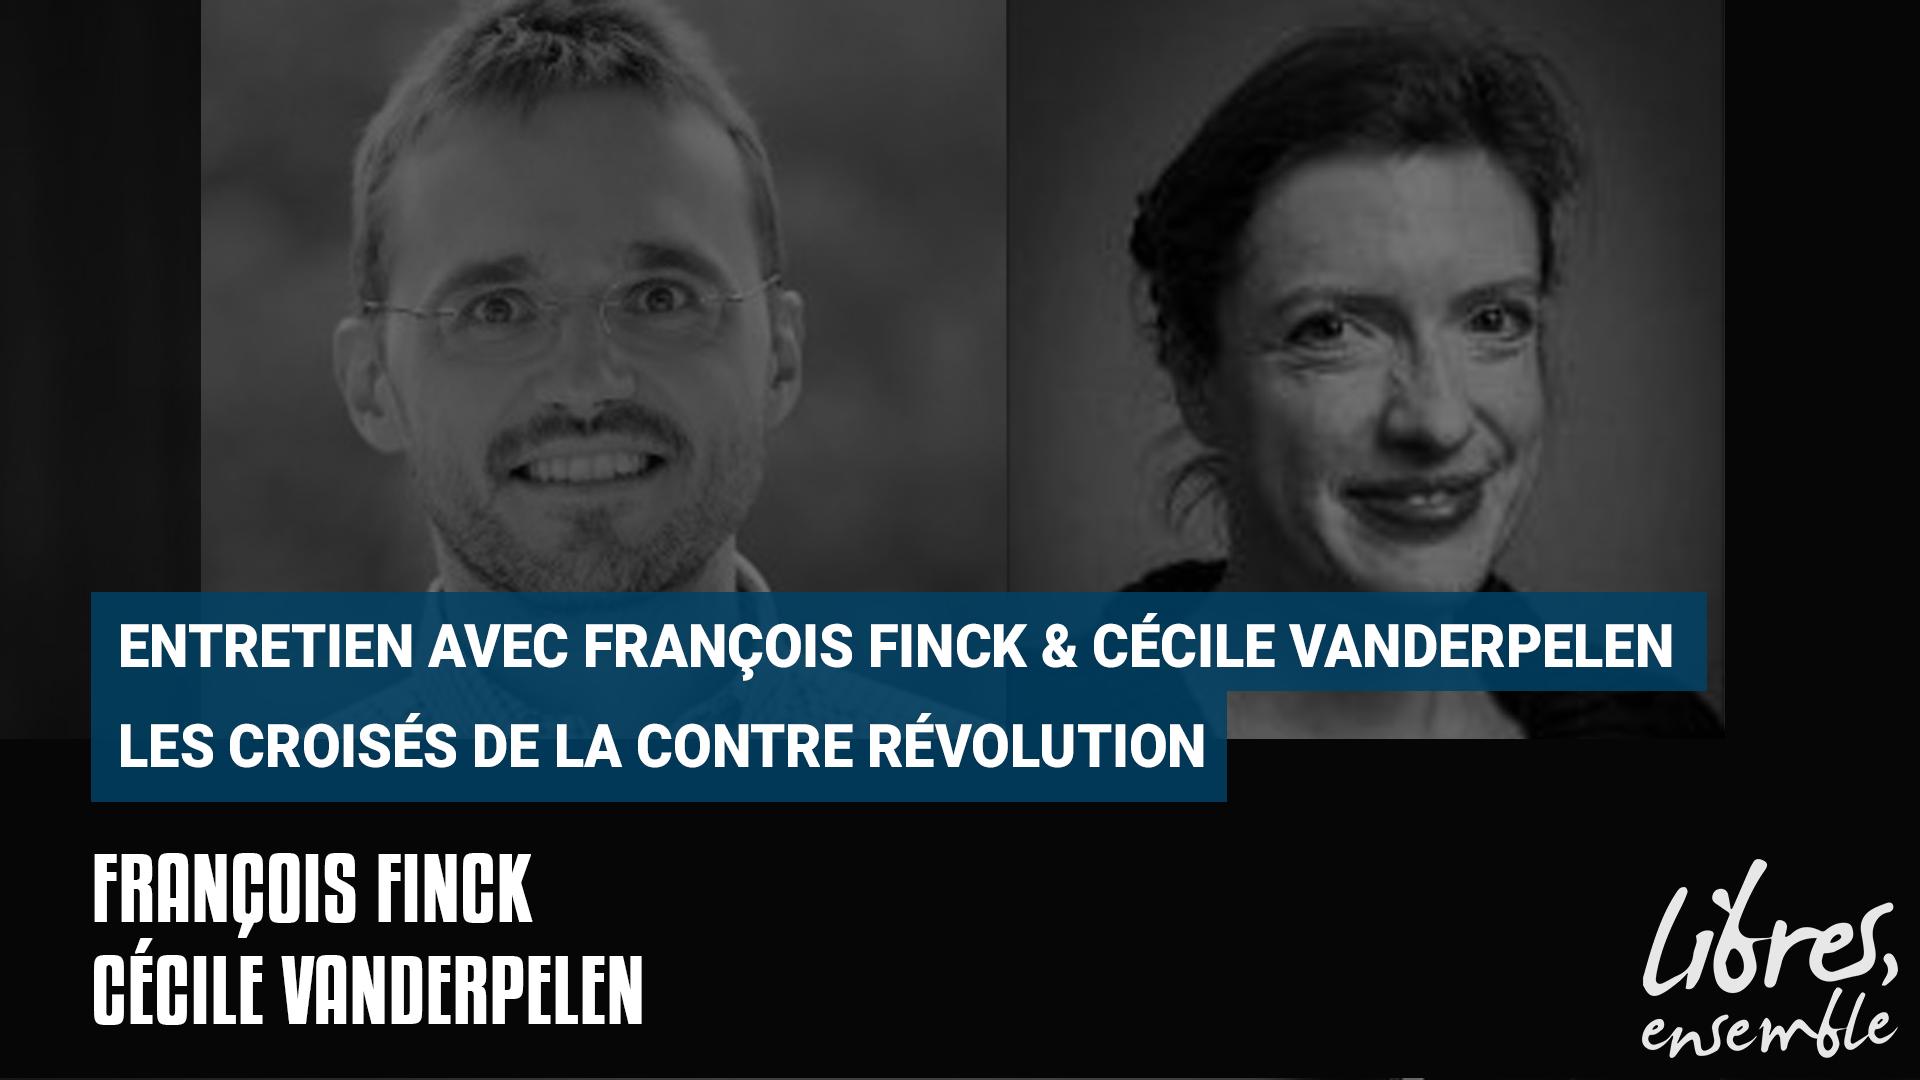 Entretien avec François Finck & Cécile Vanderpelen : «Les croisés de la contre-révolution»